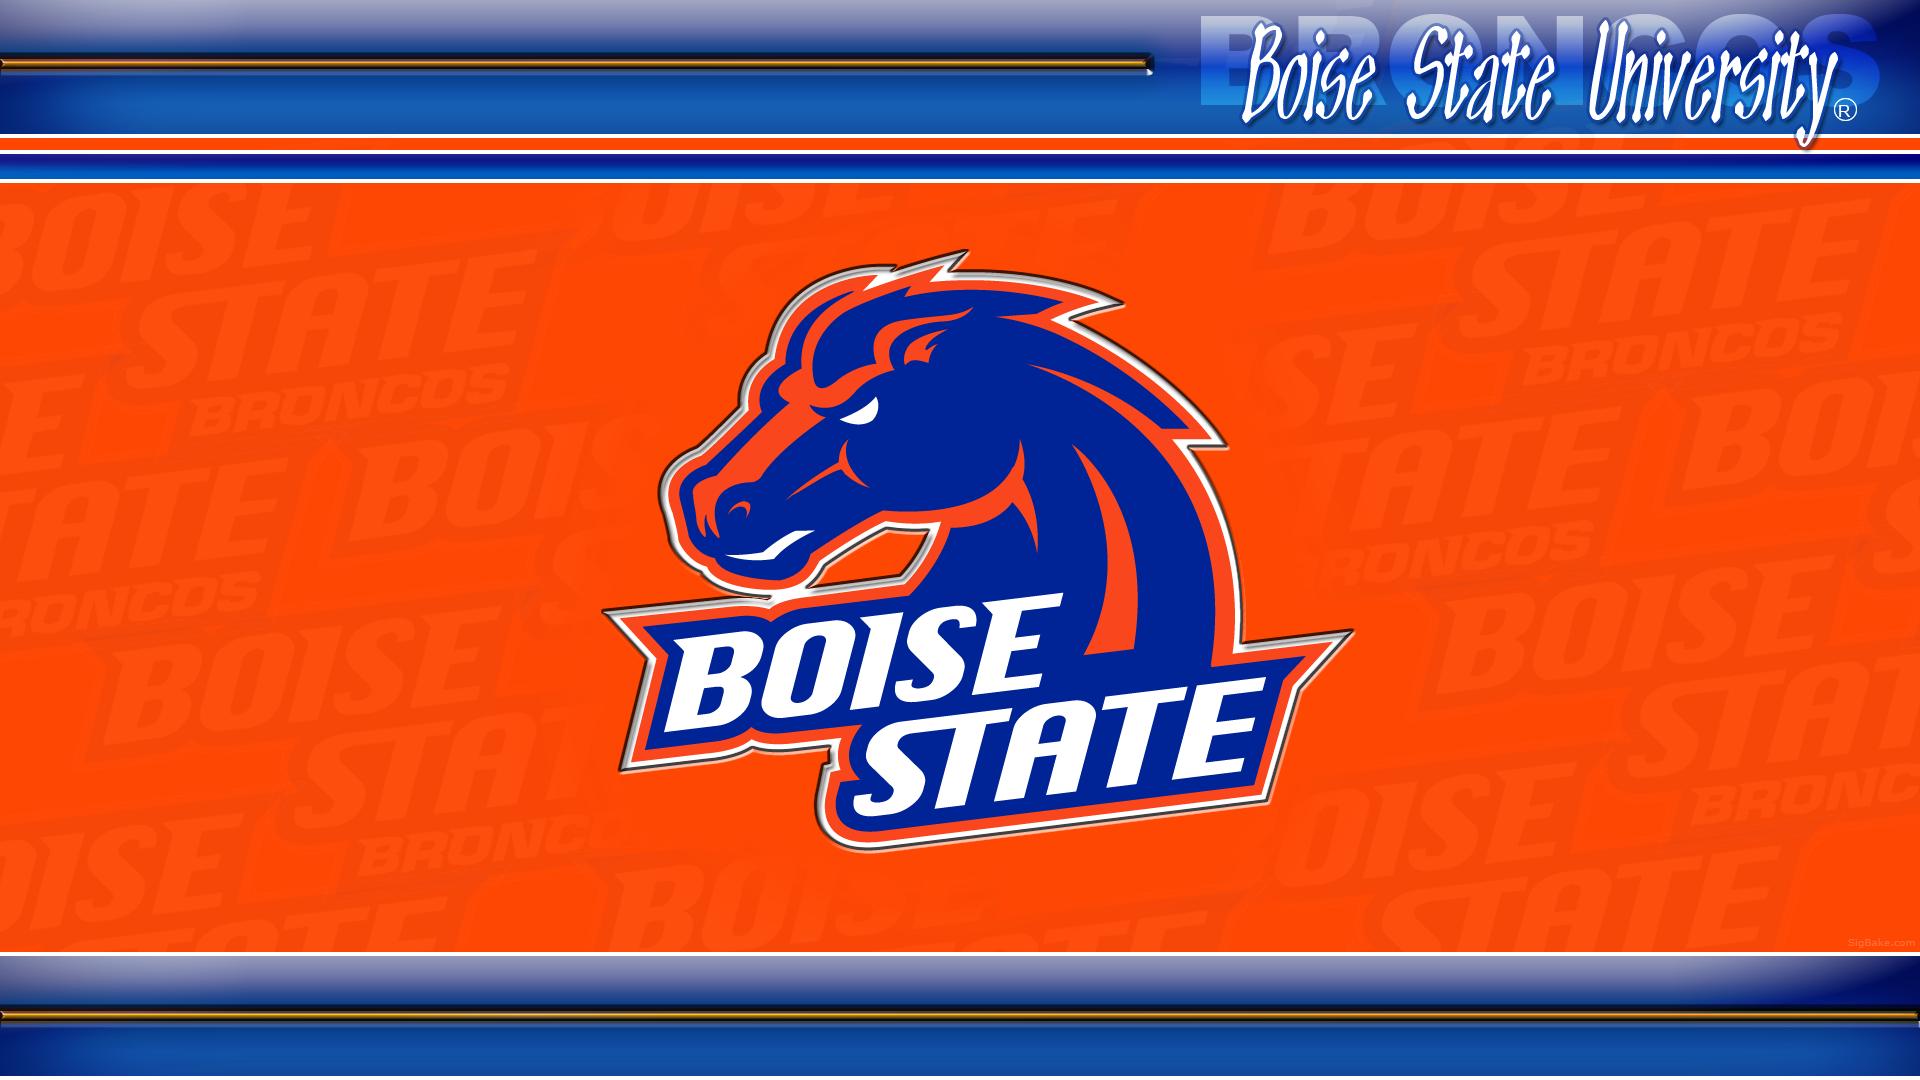 Boisie State